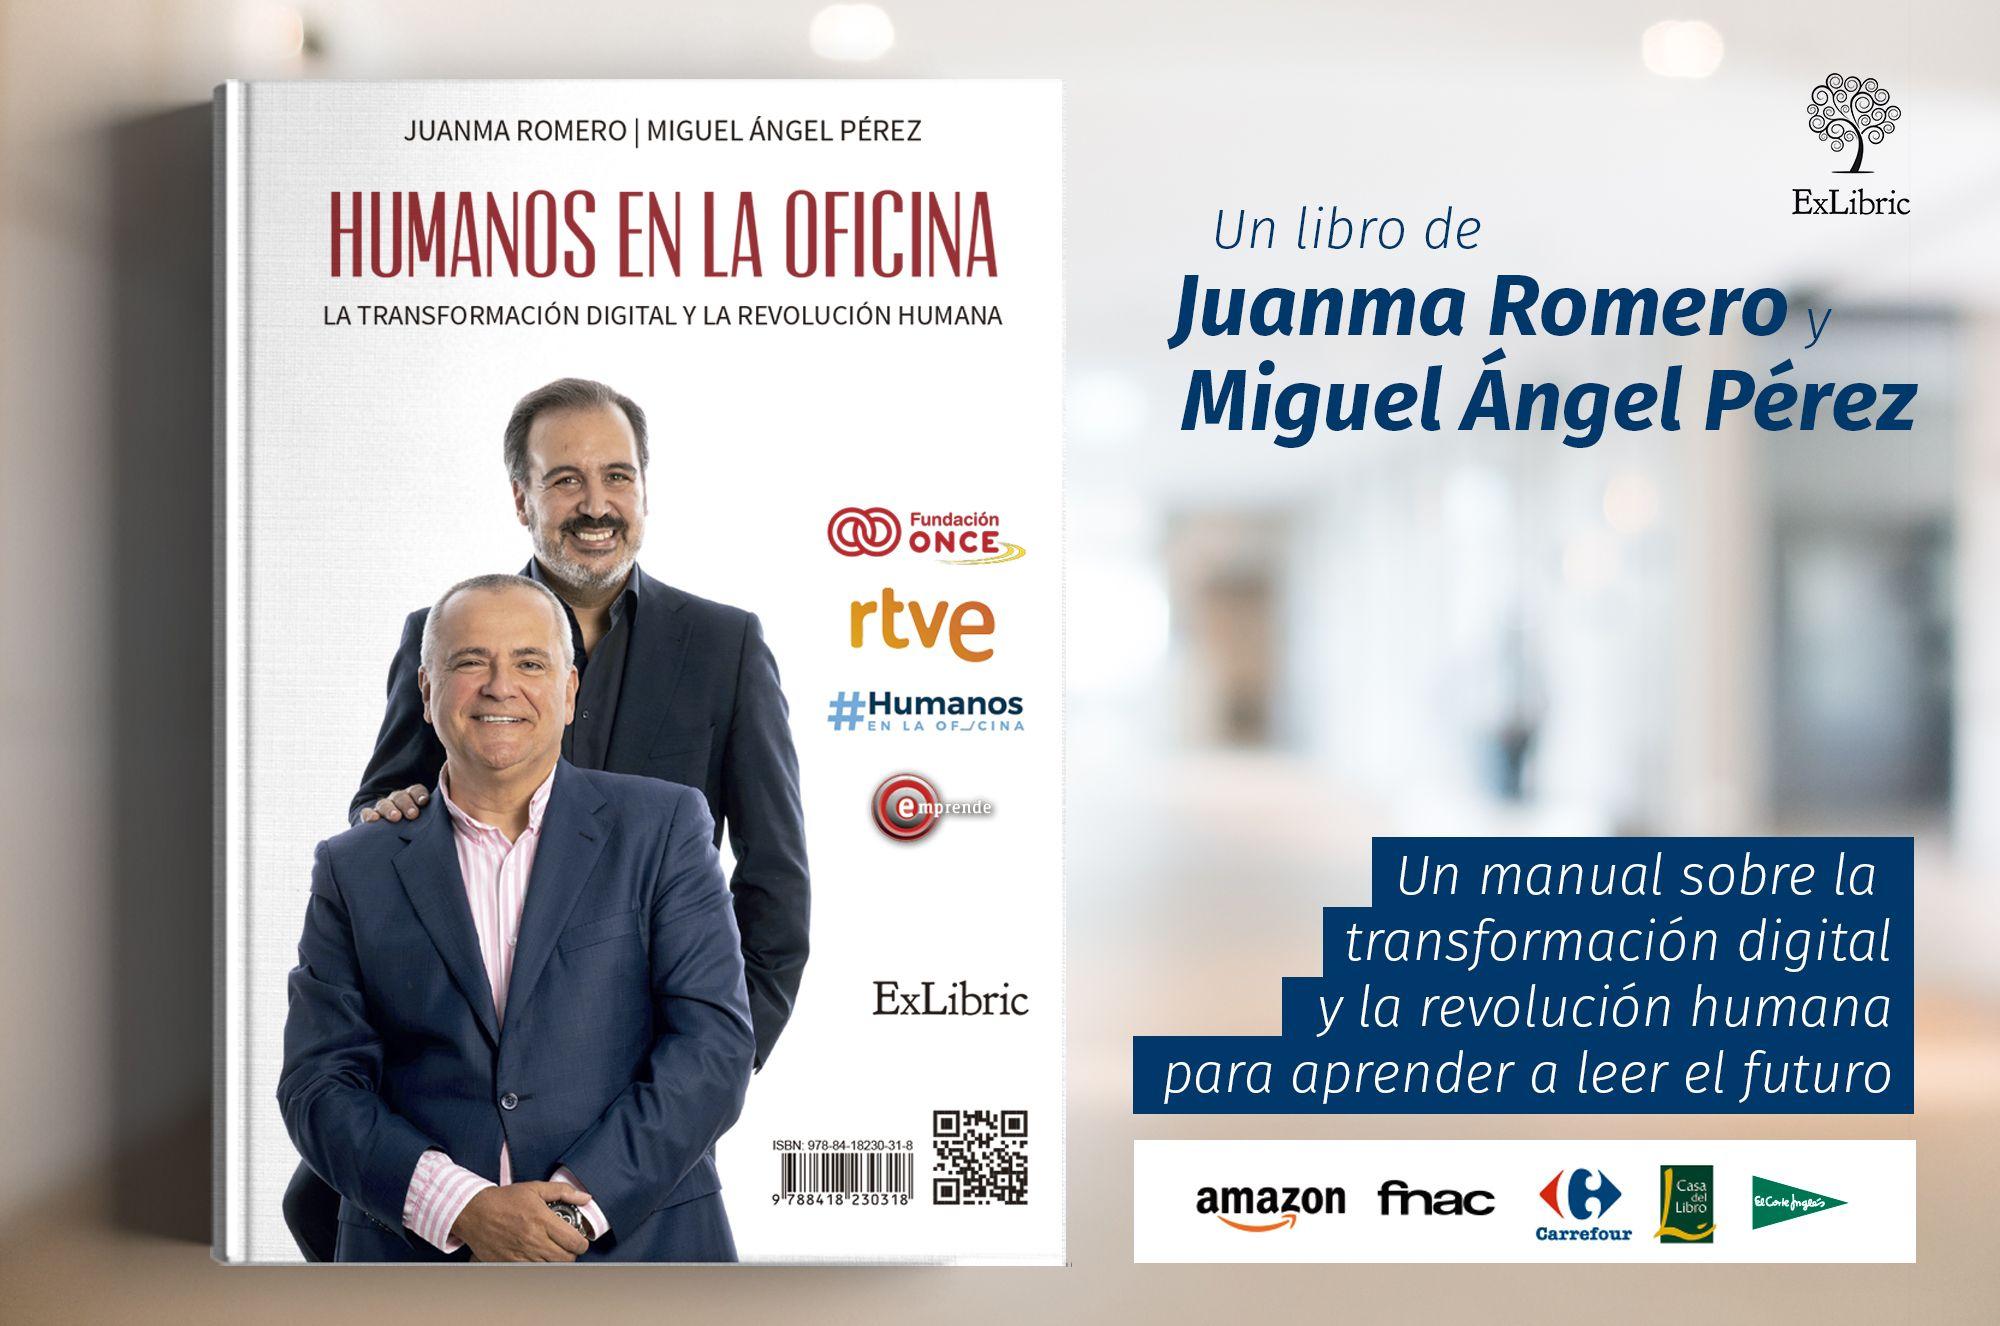 Humanos-en-la-Oficina-El-Libro-Oficial-Producido-por-RTVE-Fundacion-Once.jpg